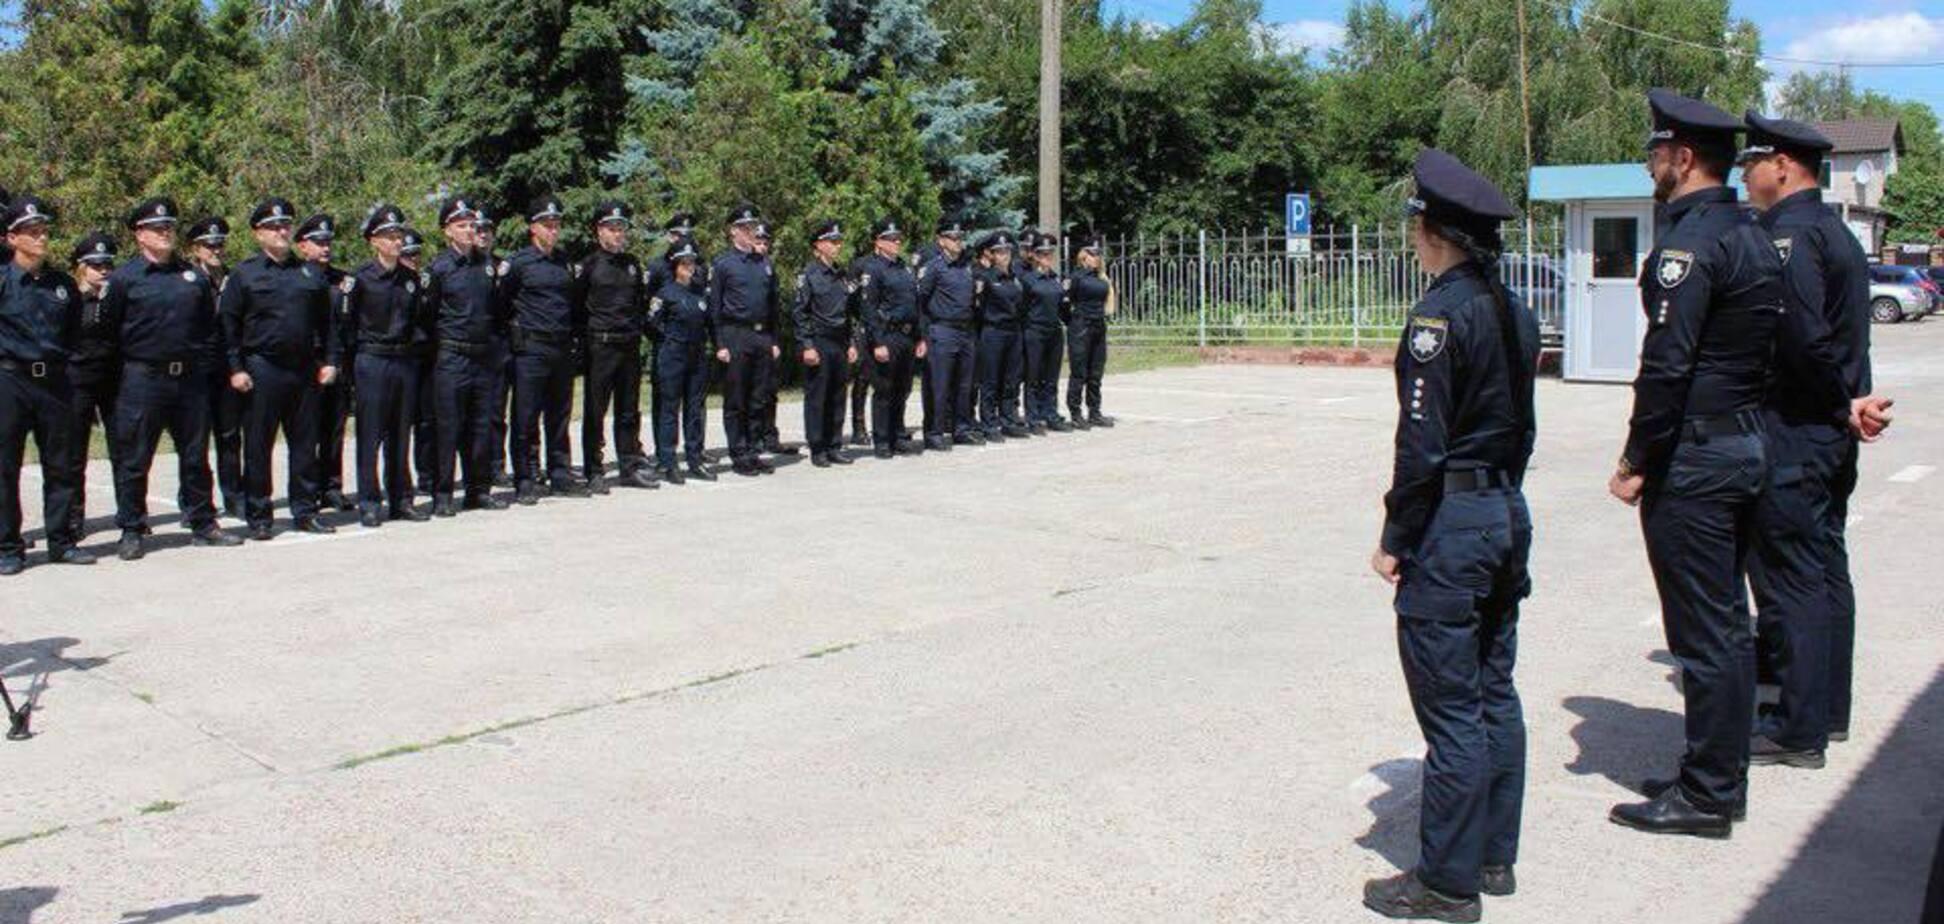 Почалися пологи після ДТП: у Маріуполі поліцейські стали 'котячими хрещеними' та викликали захват українців